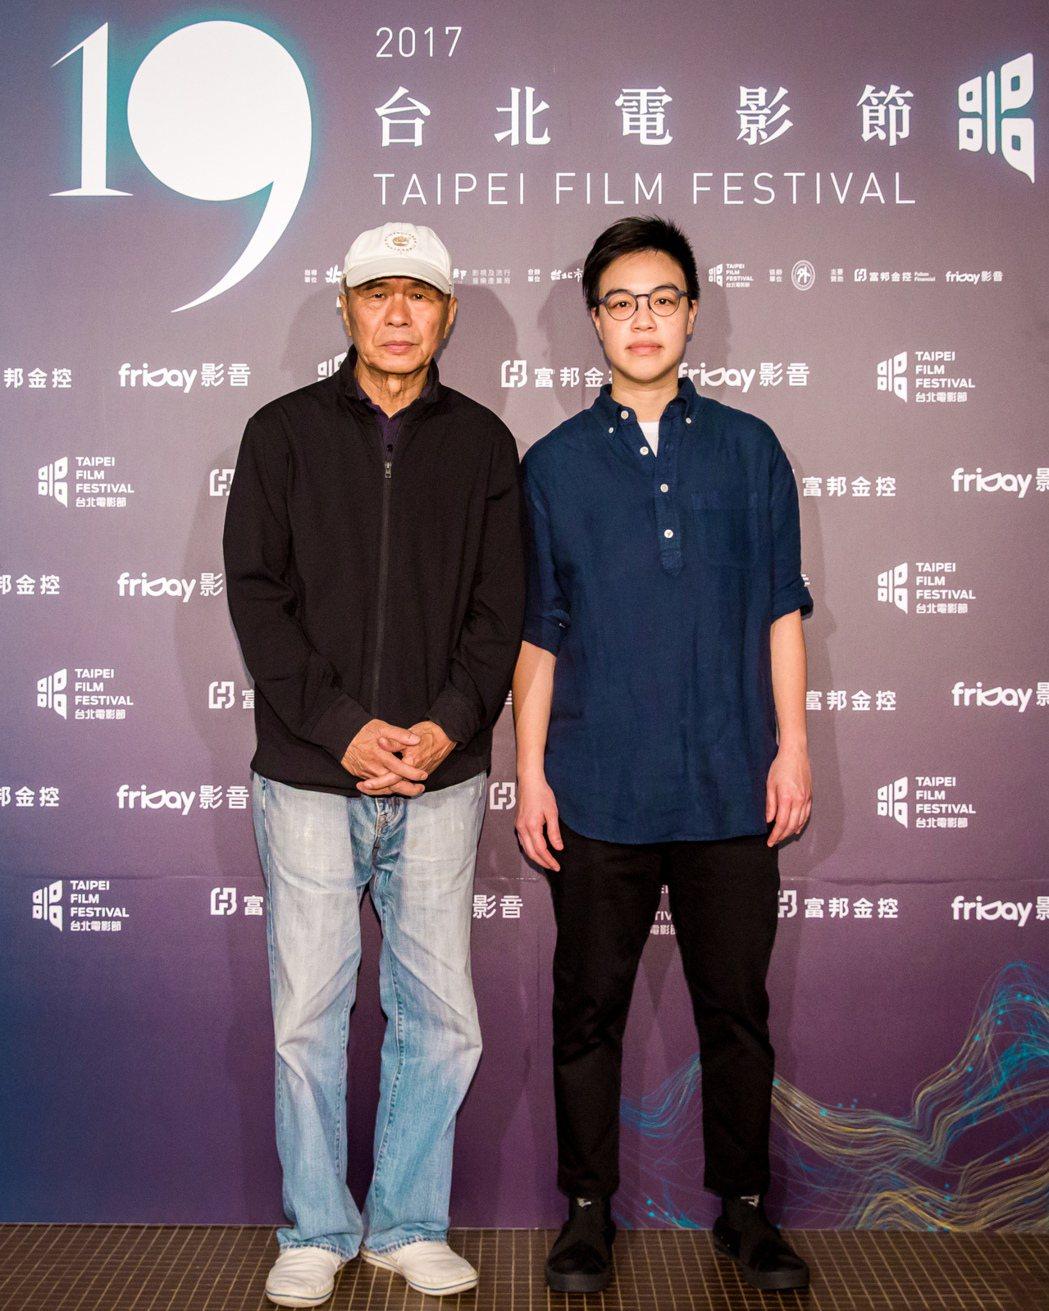 製片侯孝賢、導演黃熙出席「強尼‧凱克」台北電影節首映會。圖/台北電影節提供